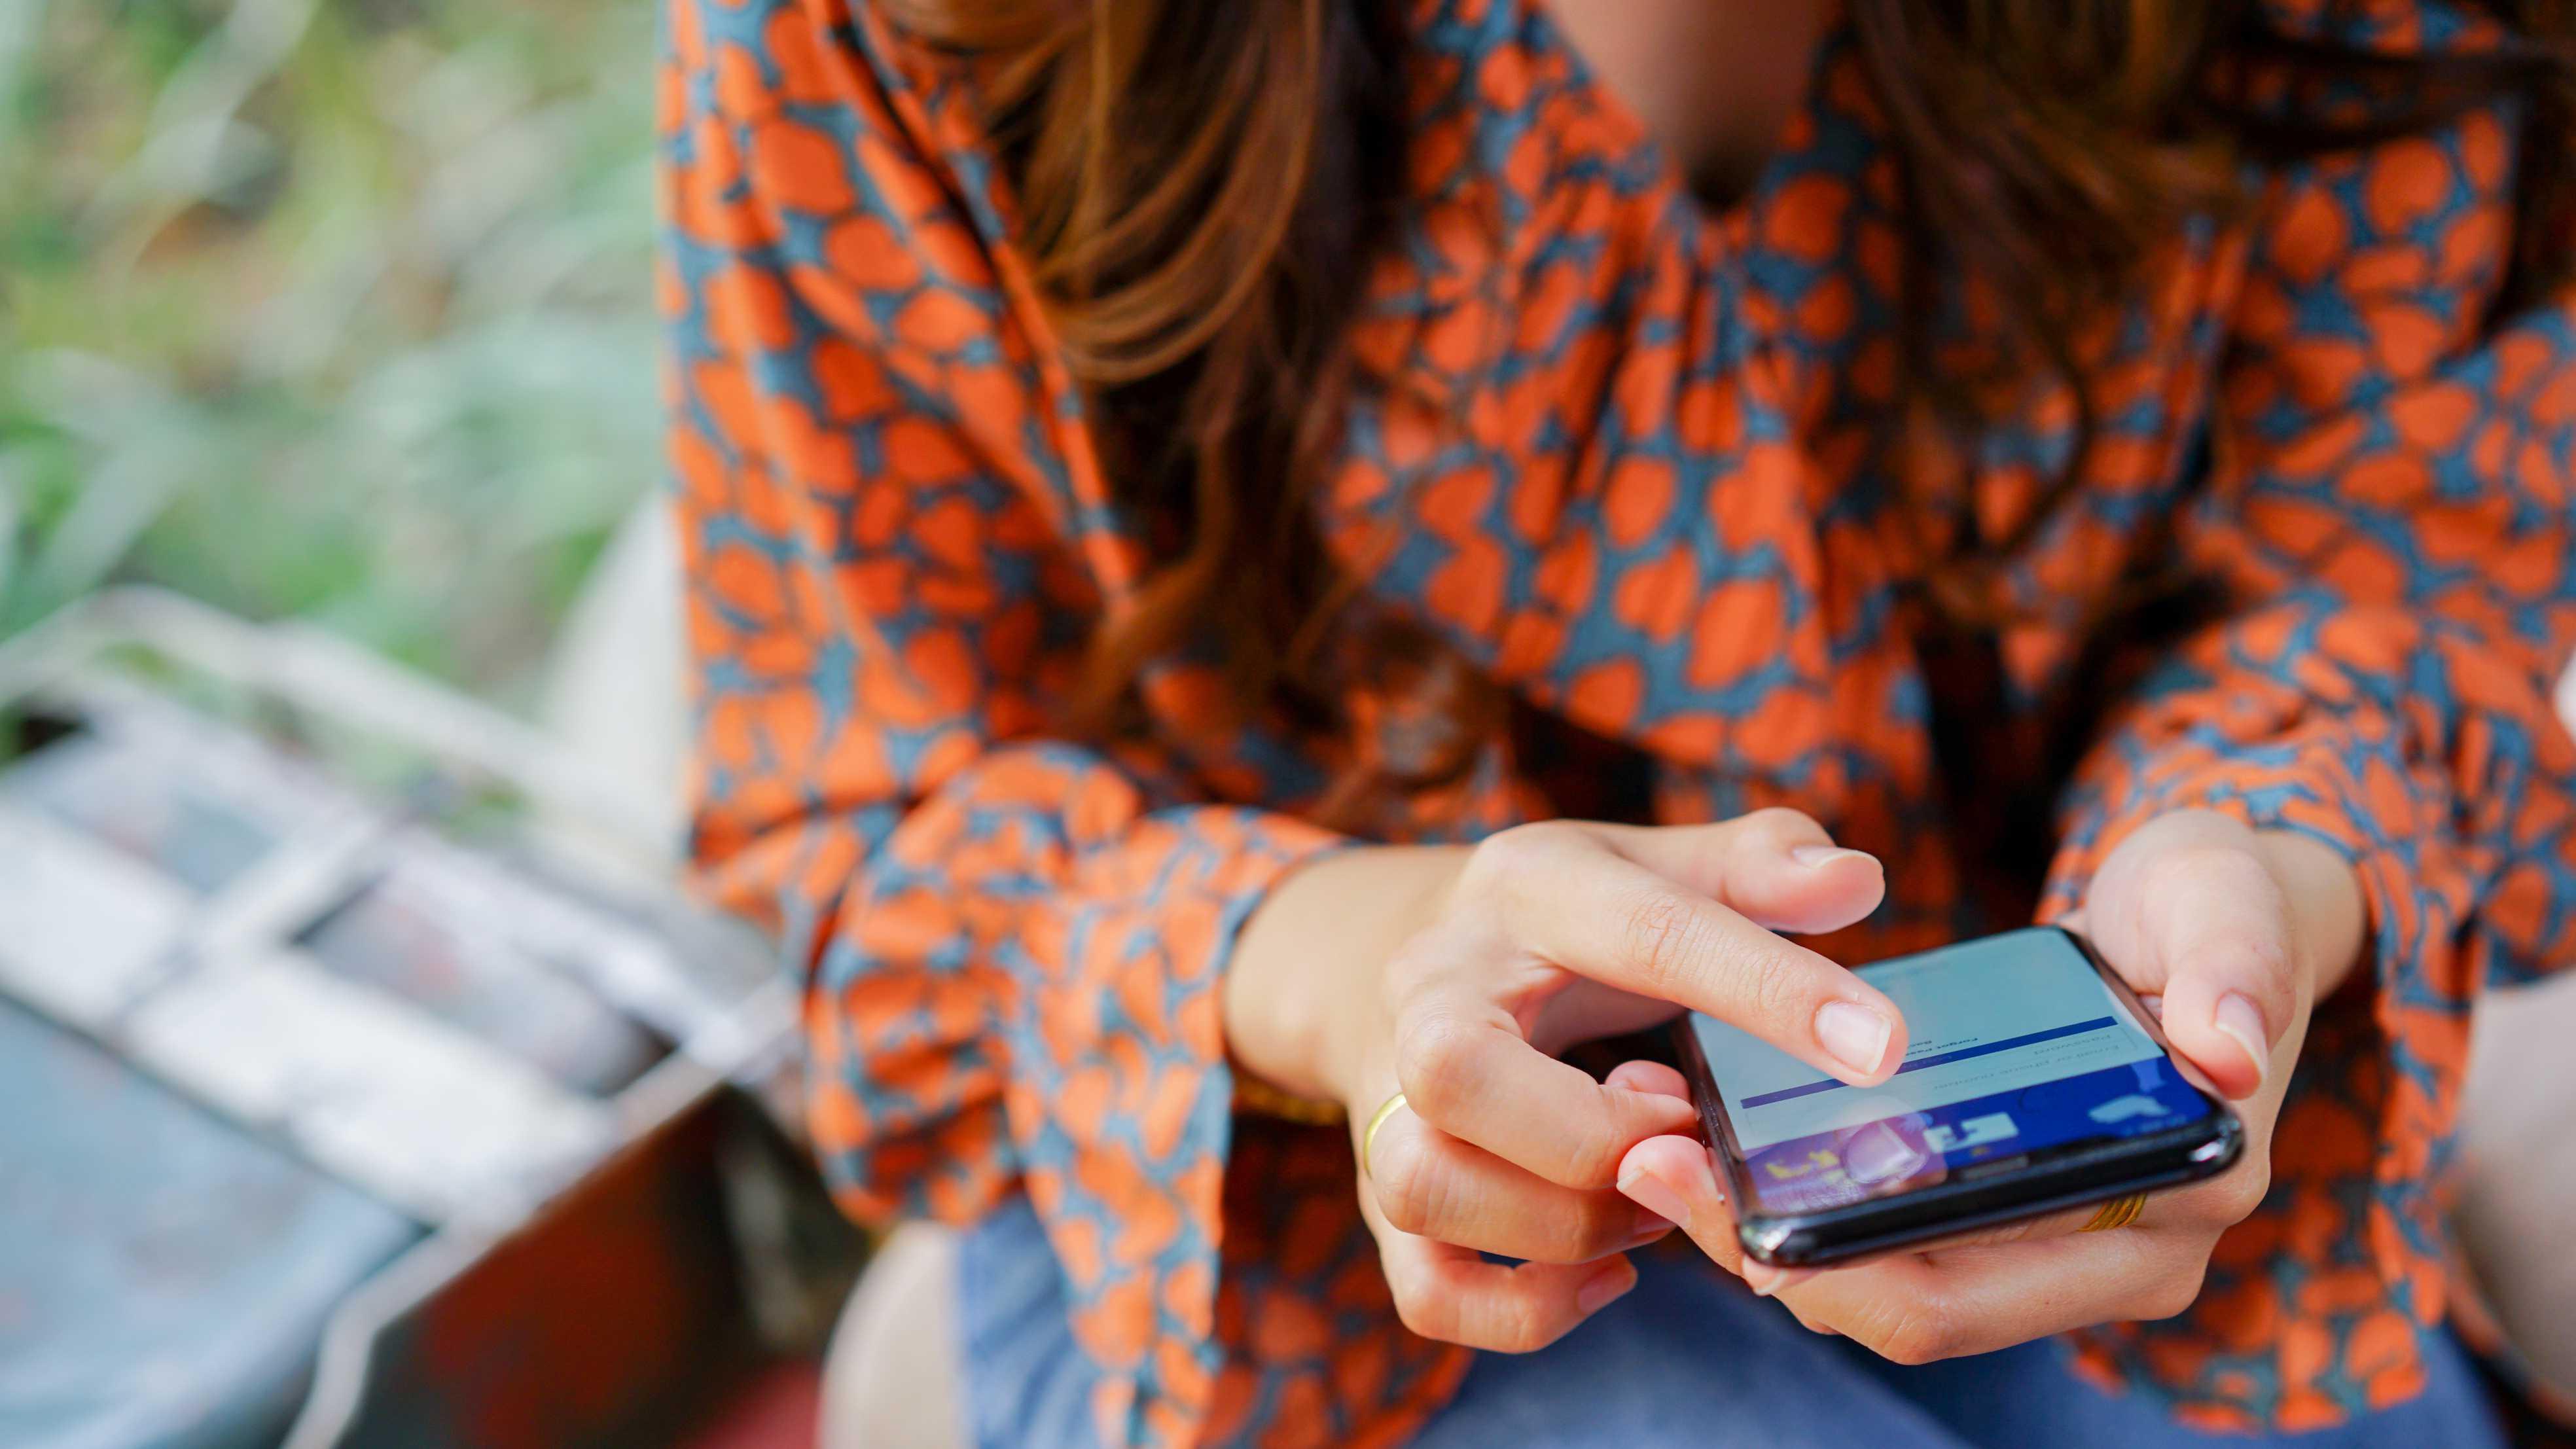 Instagram & Co: Wenn der Sog sozialer Medien süchtig macht